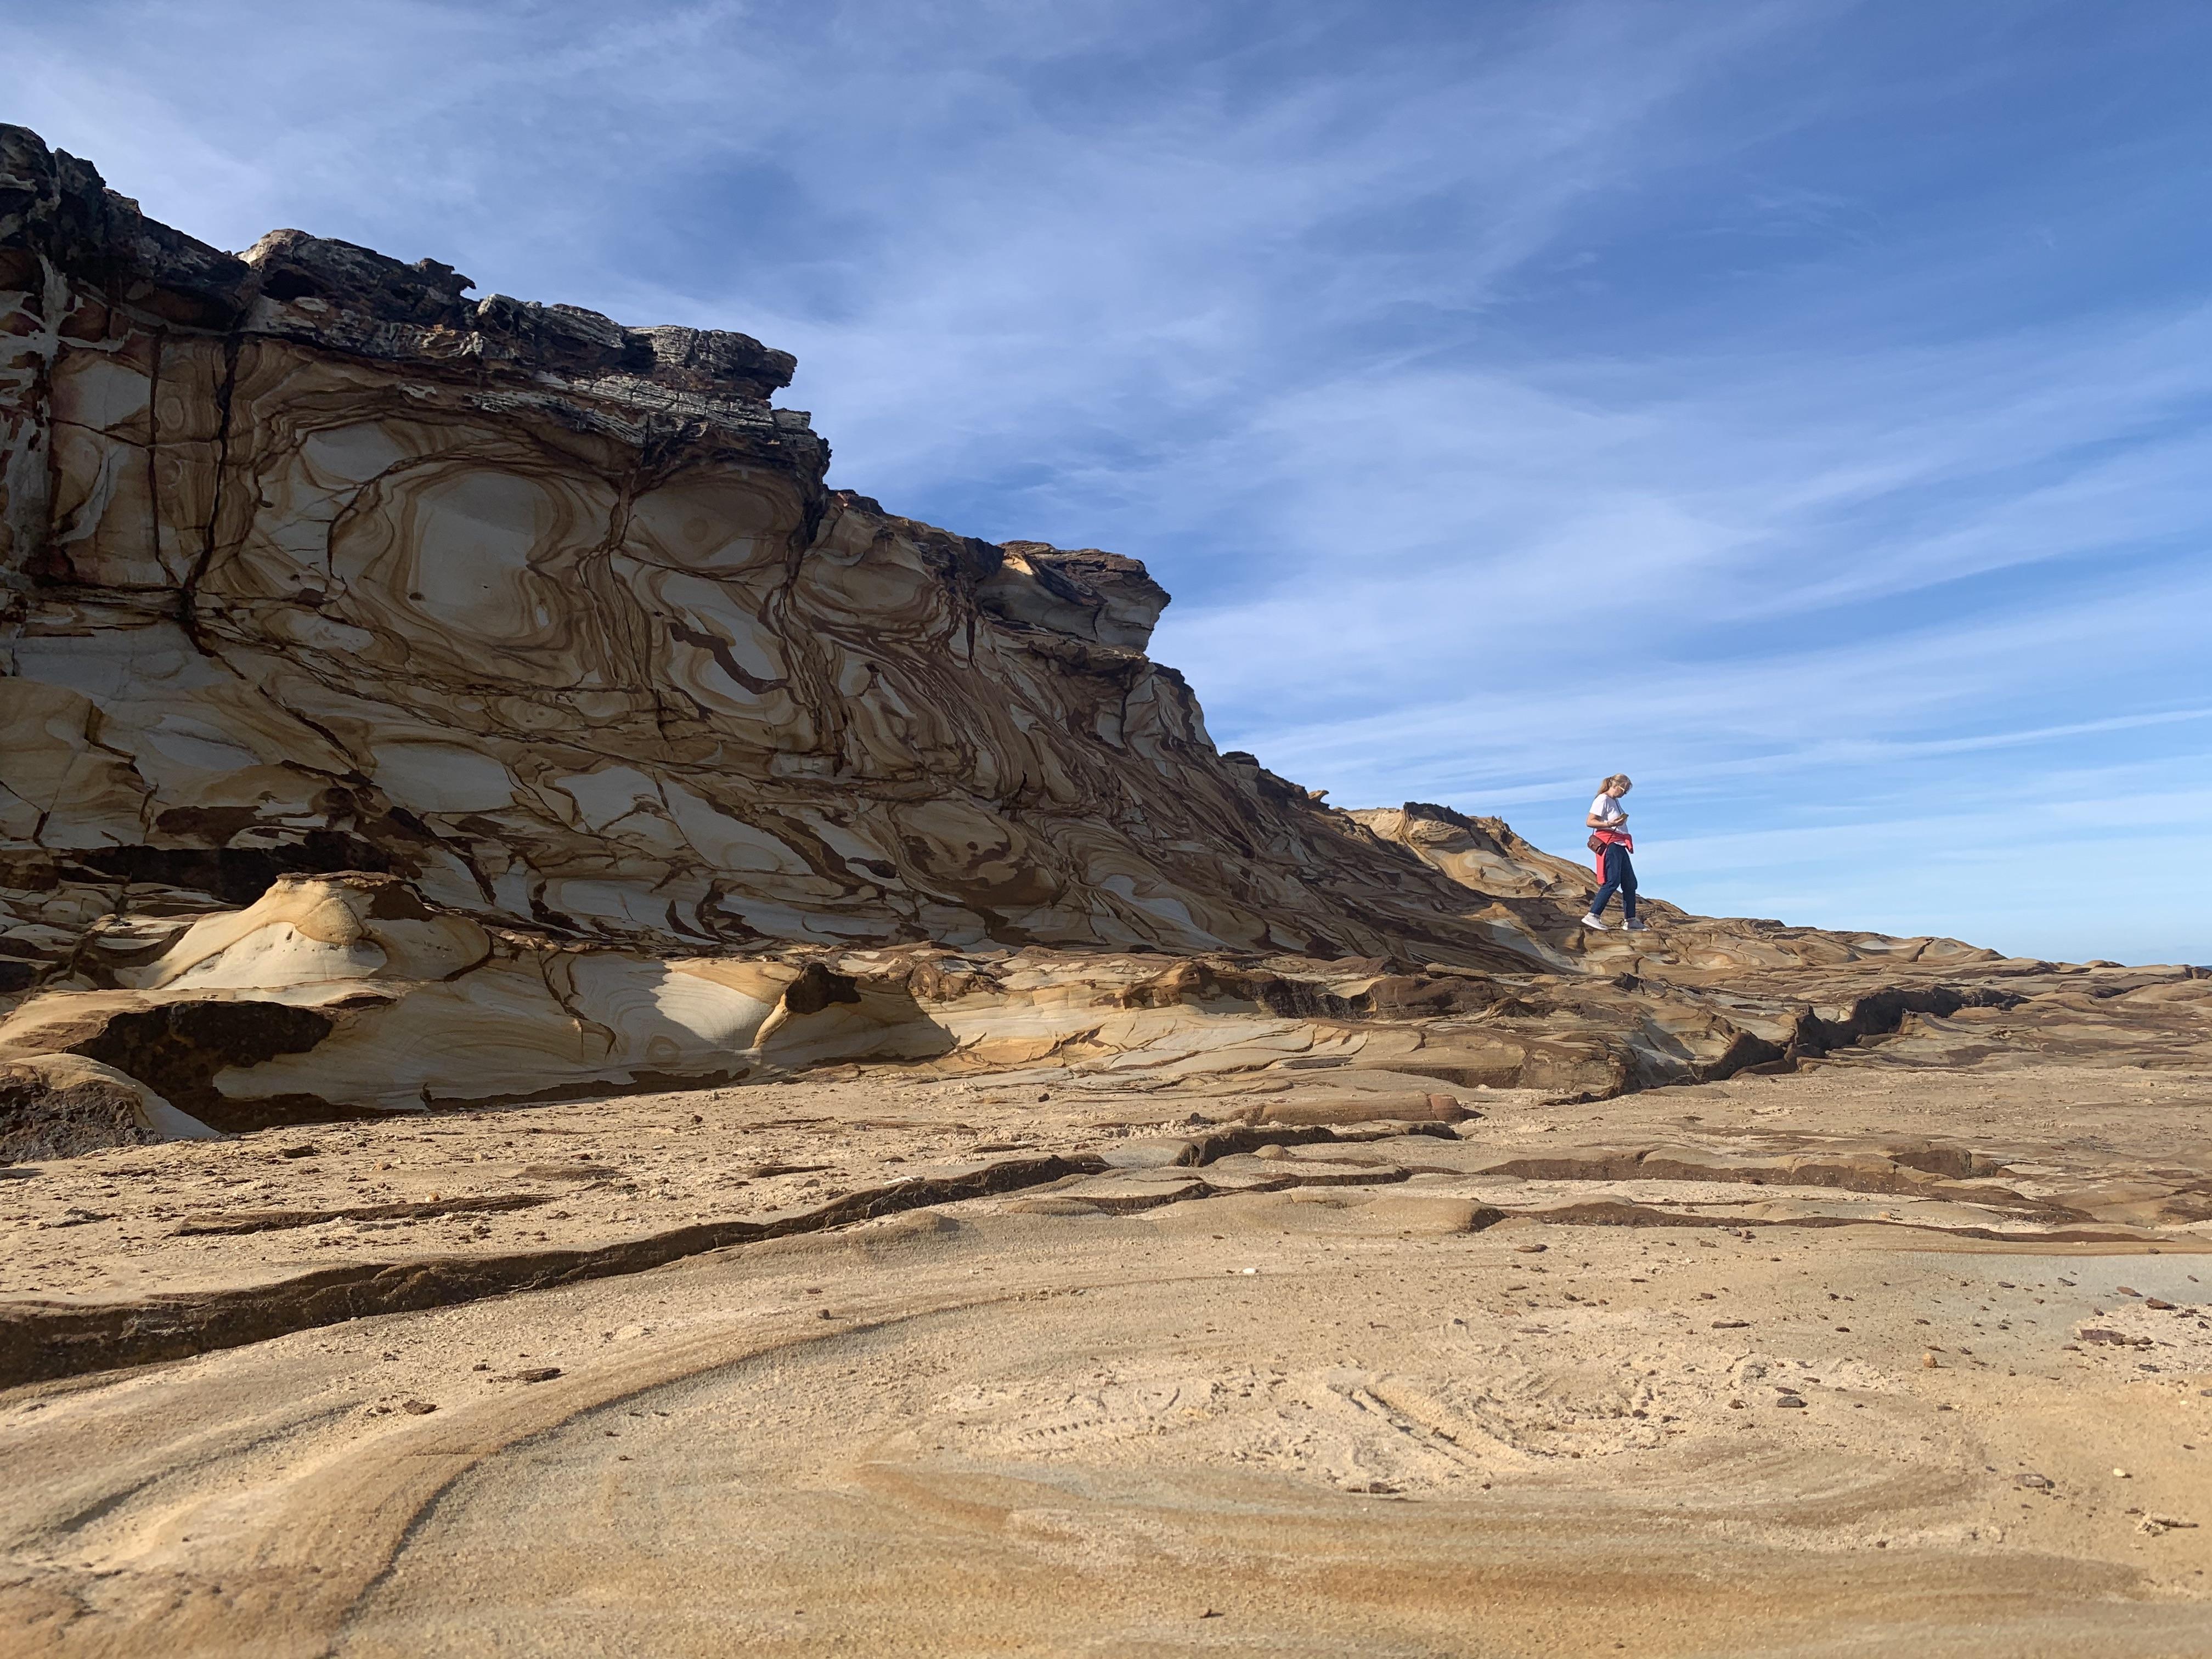 sand ston cliff in Killcare